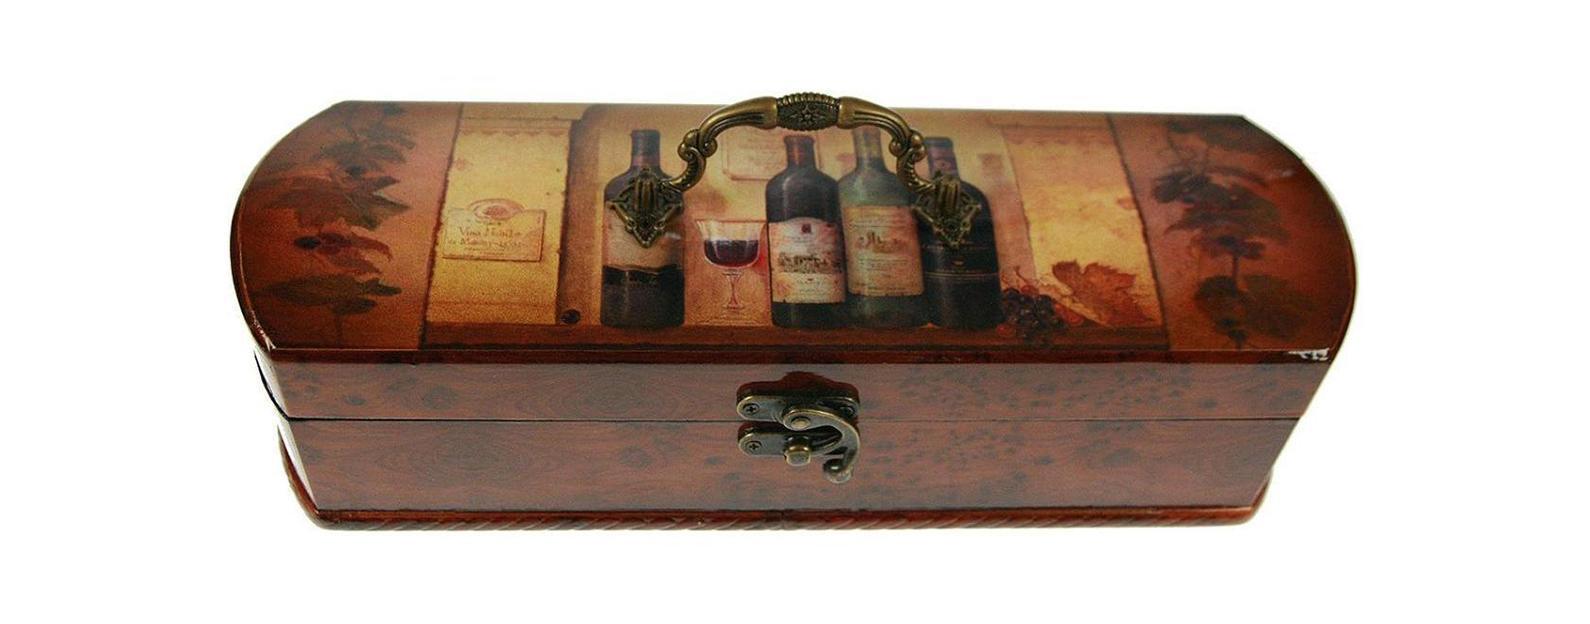 Шкатулка Русские подарки Сундучок 34762 предназначена для хранения бутылок с вином. Она не оставит равнодушным ни одного любителя оригинальных вещей. Данная модель надежно закрывается на металлический замок. Сочетание оригинального дизайна и функциональности делает такую вещь практичным, стильным подарком и предметом гордости ее обладателя. Материал: MDF, бумага, эл. металла; цвет: коричневый